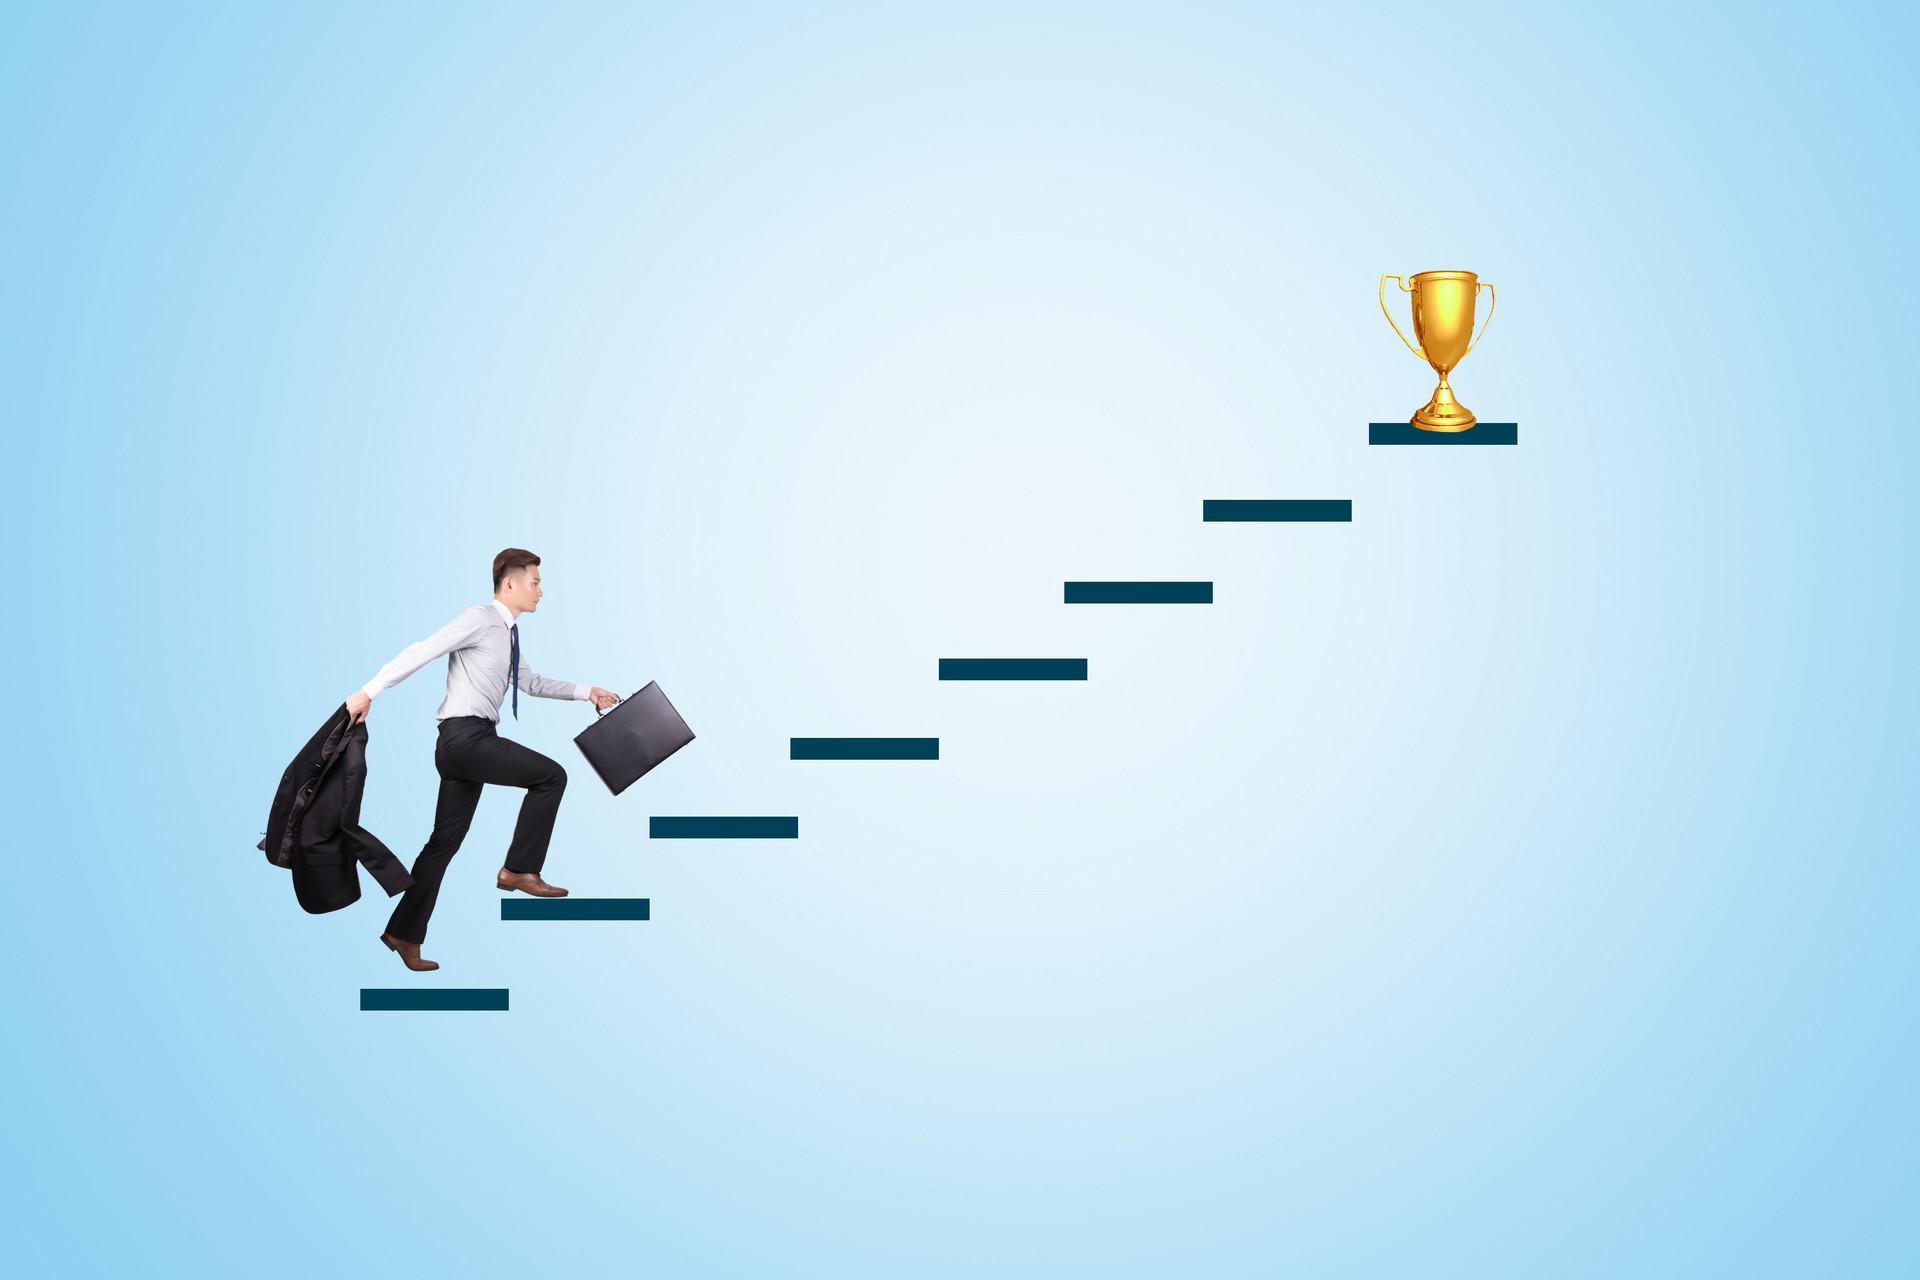 百度谷歌谁赢?看懂这个趋势你的企业赢!